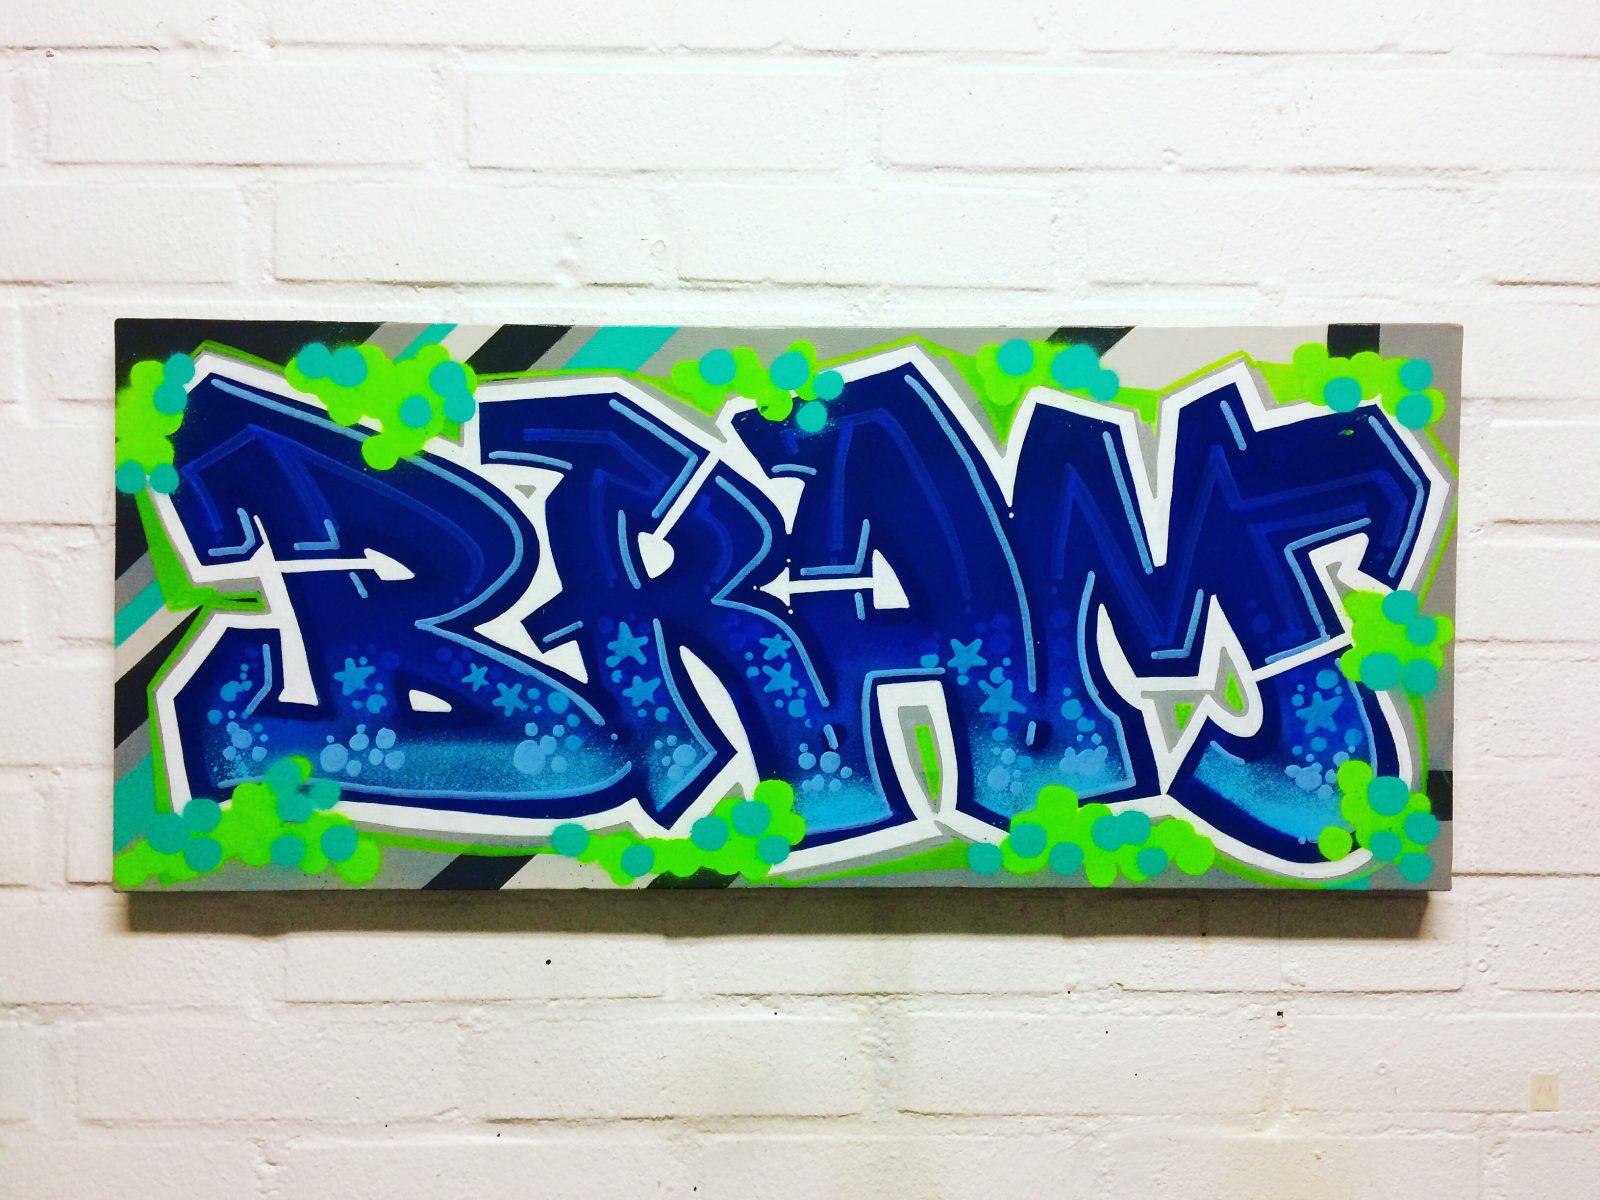 Mr Graffiti Doek Bram  Mr Graffiti